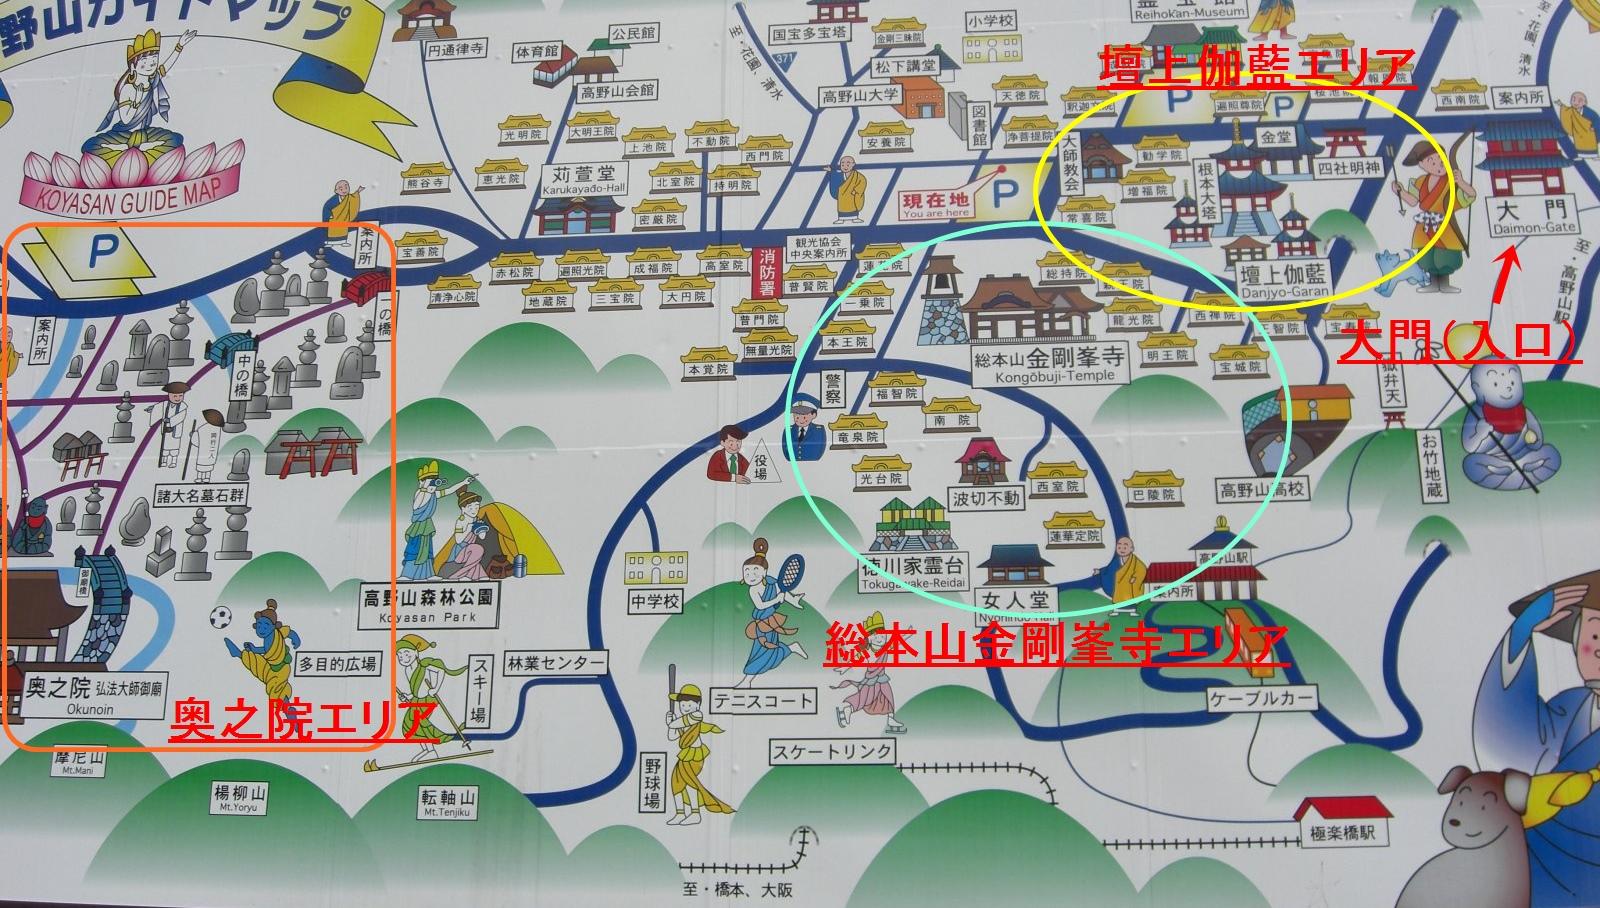 高野山・ガイドマップと三エリア